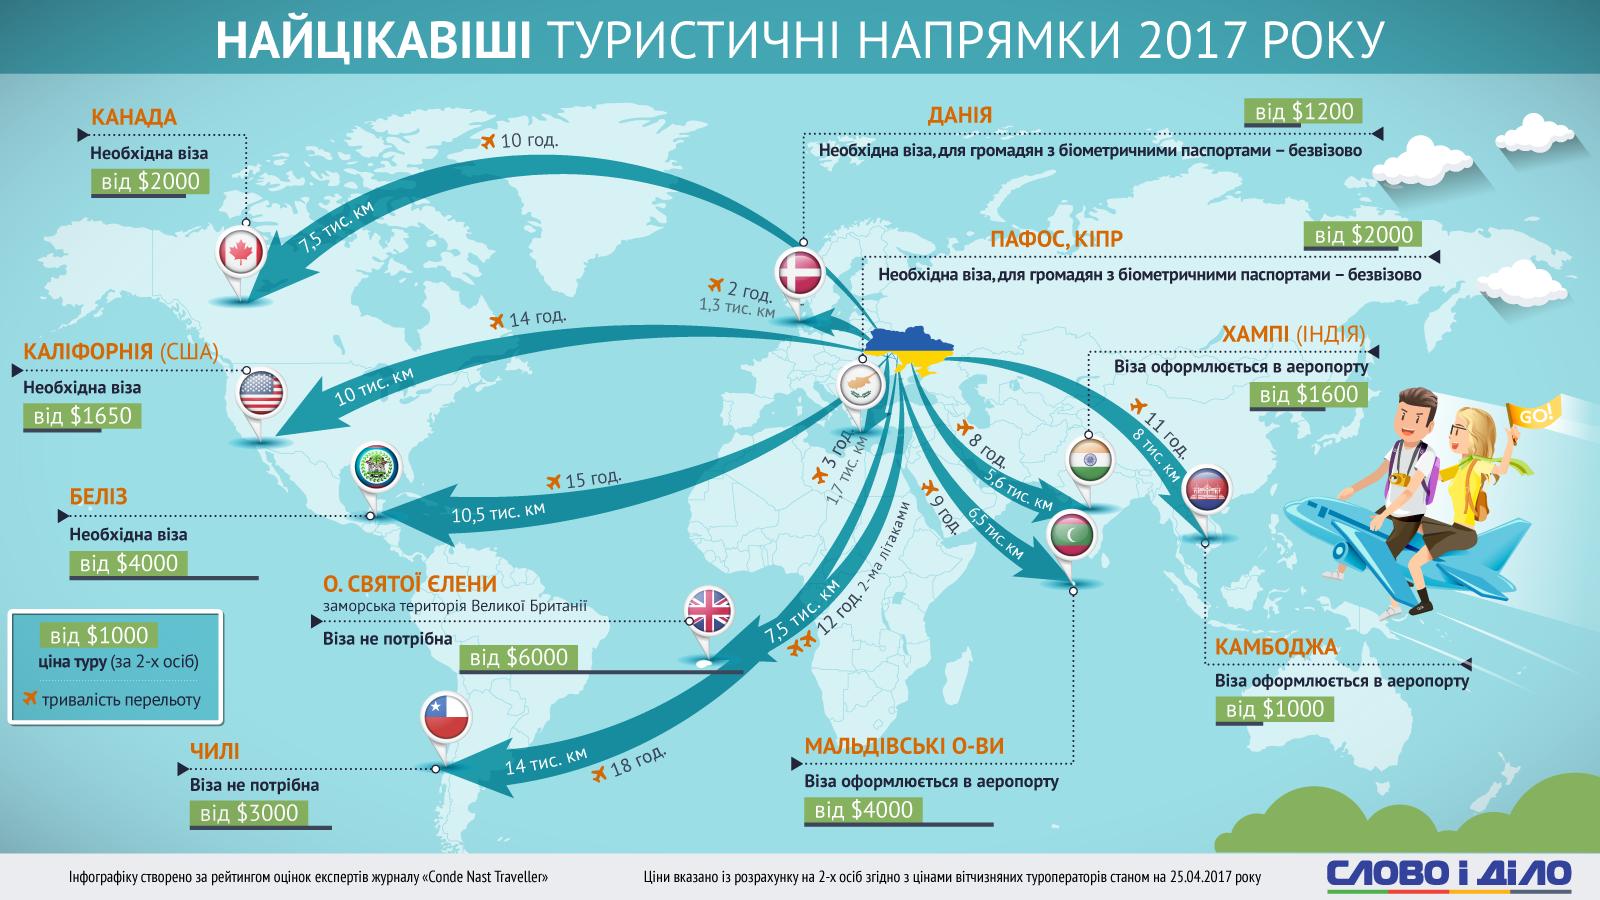 Самые интересные туристические направления в 2017 году